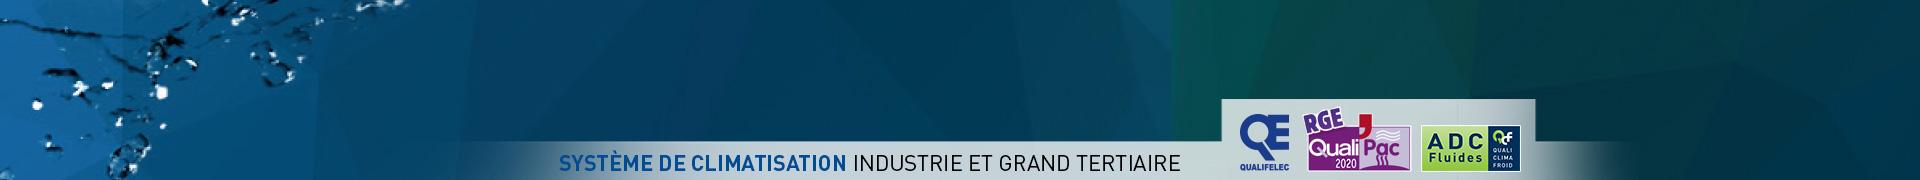 installateur climatisation, entreprise, industrie, grand tertiaire, Nantes, La Baule, Guérande, 44